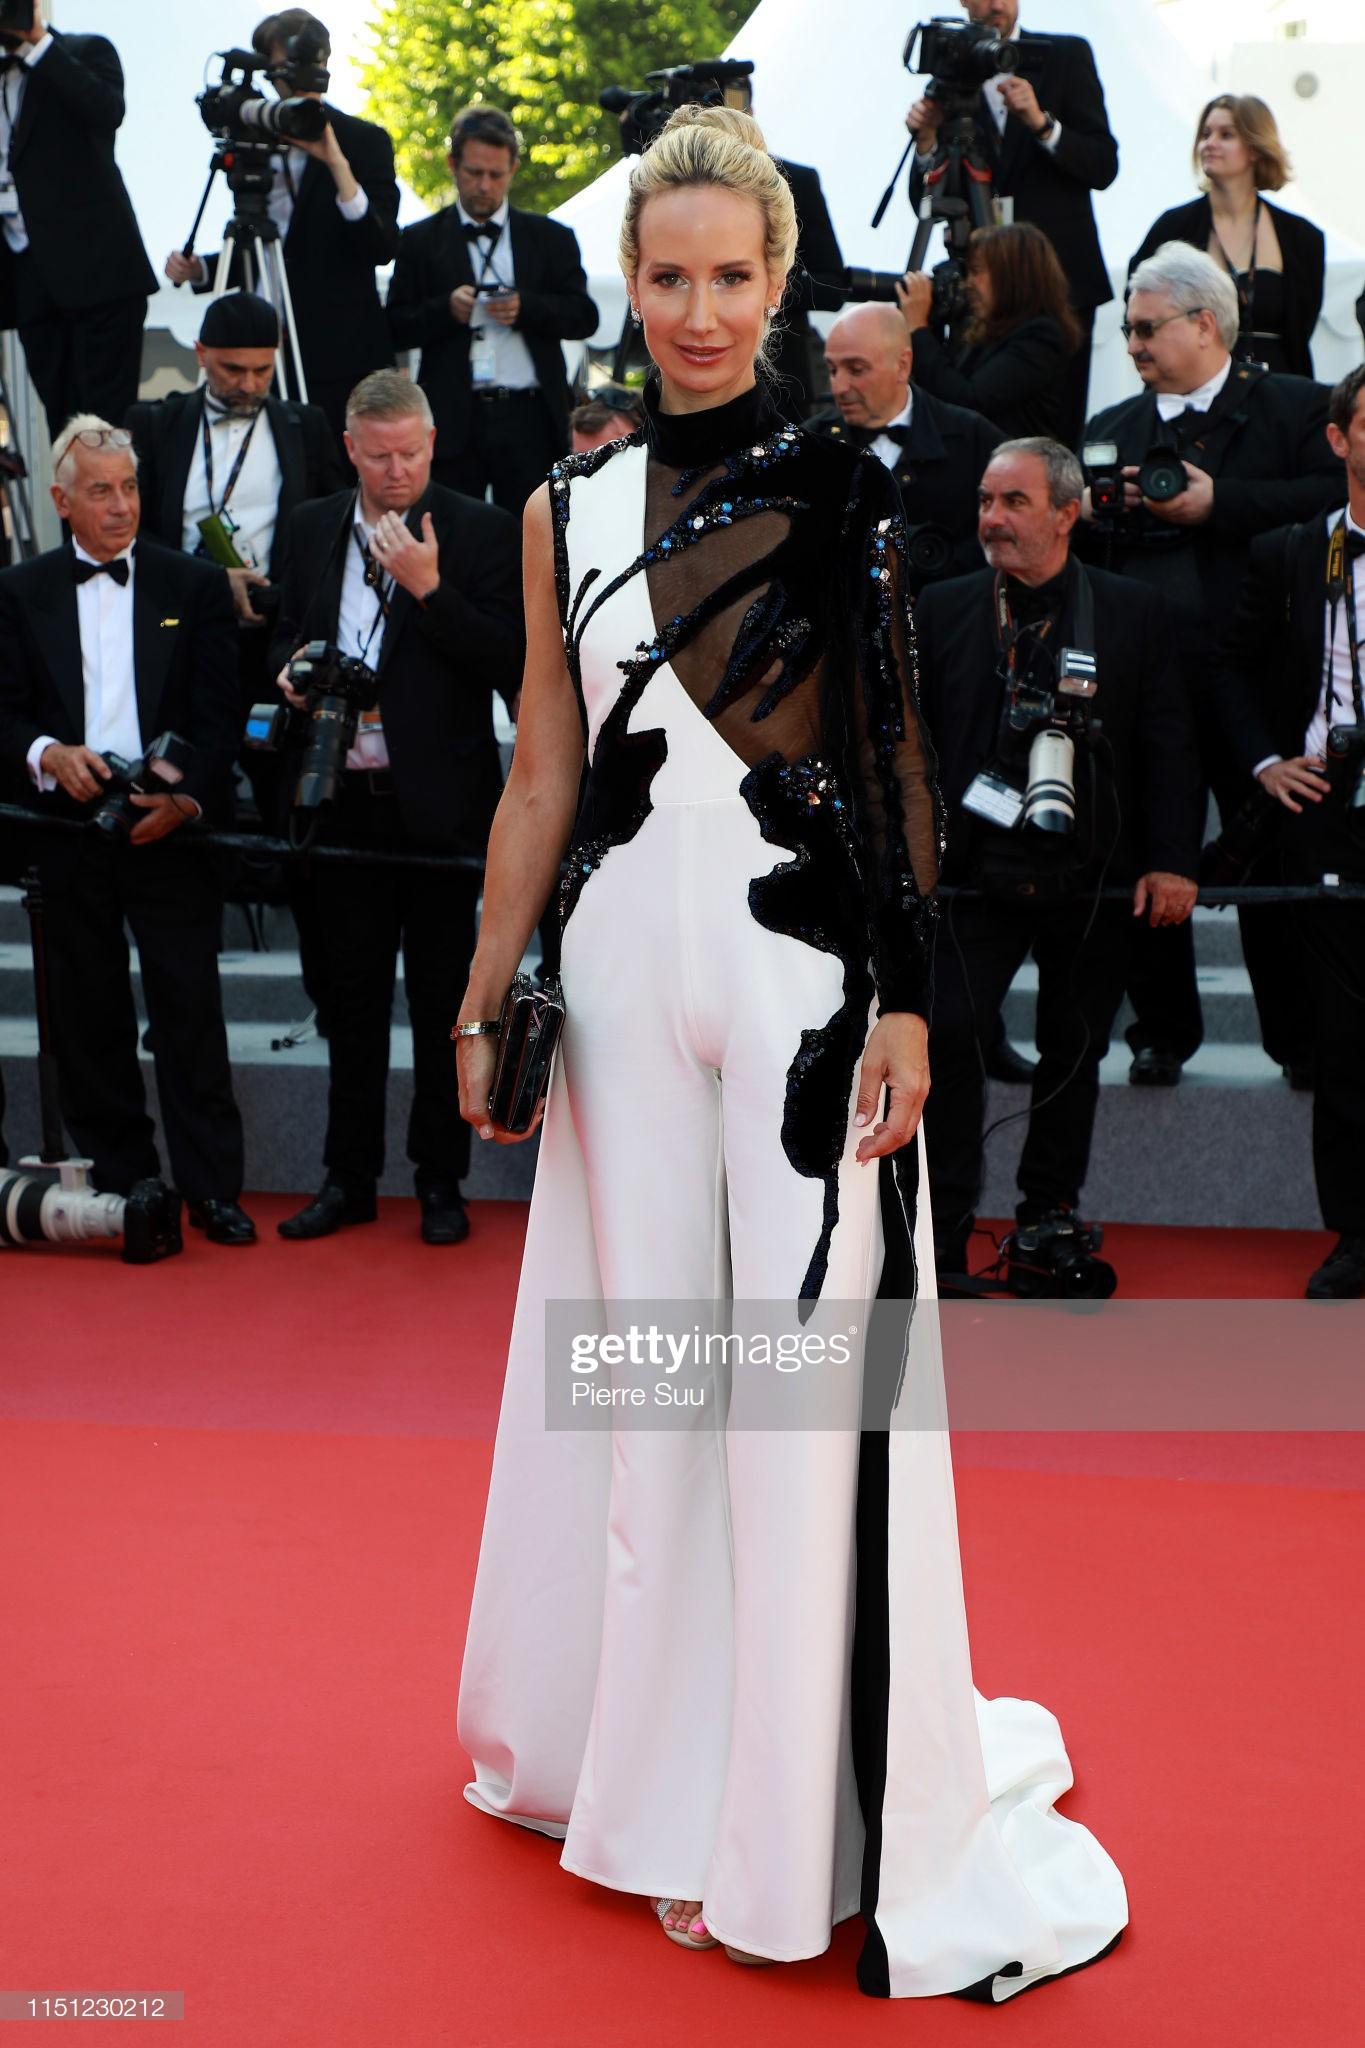 Thảm đỏ Cannes ngày 10: Các người đẹp thả rông ngực, cố tình làm trò lố vẫn bị truyền thông ngó lơ - Ảnh 10.